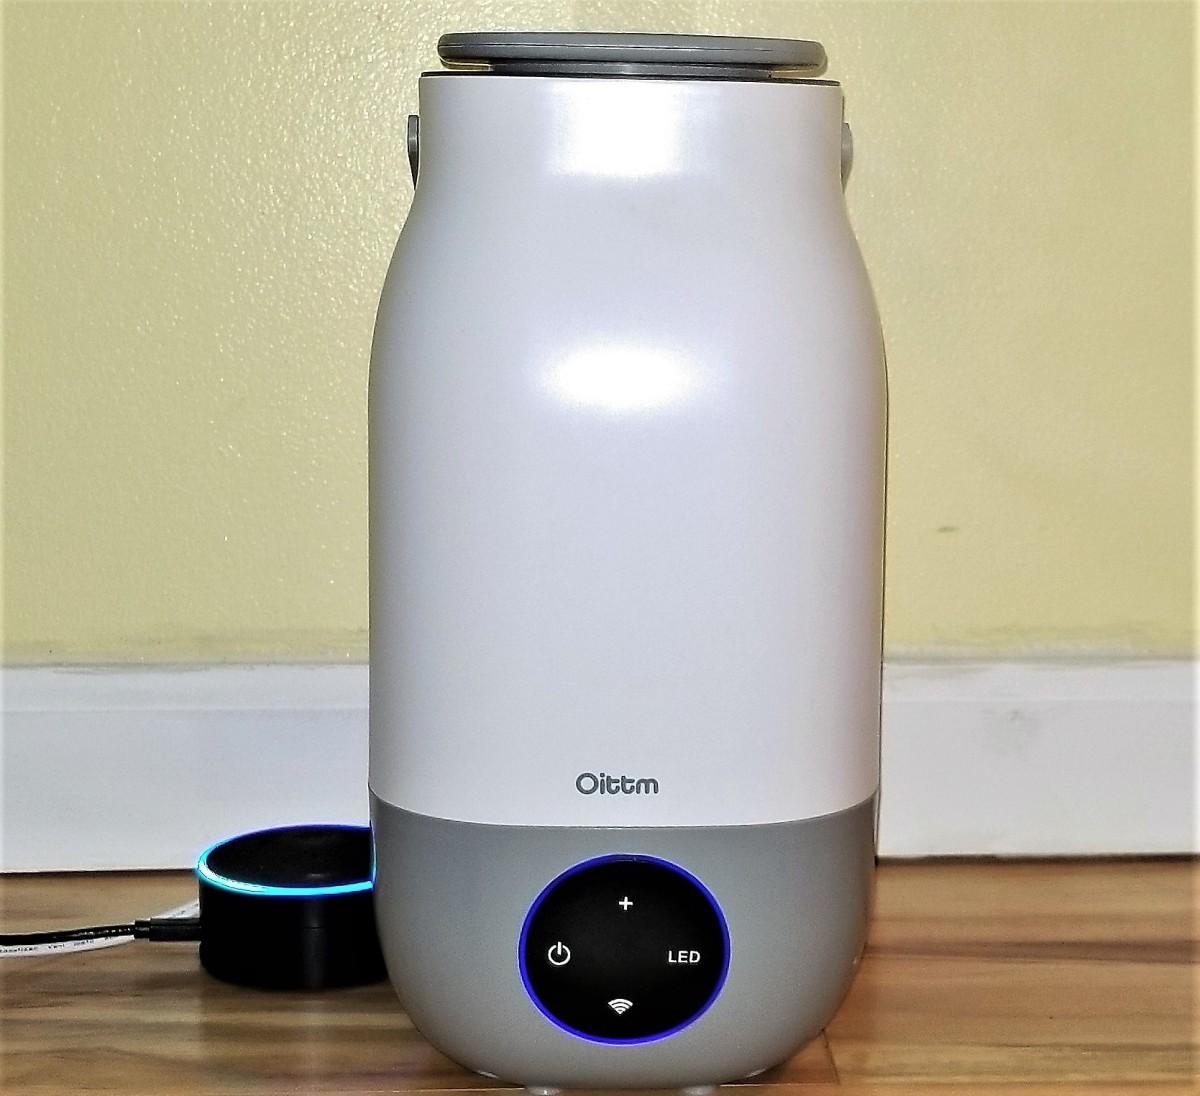 Oittm Smart Humidifier With Echo Dot